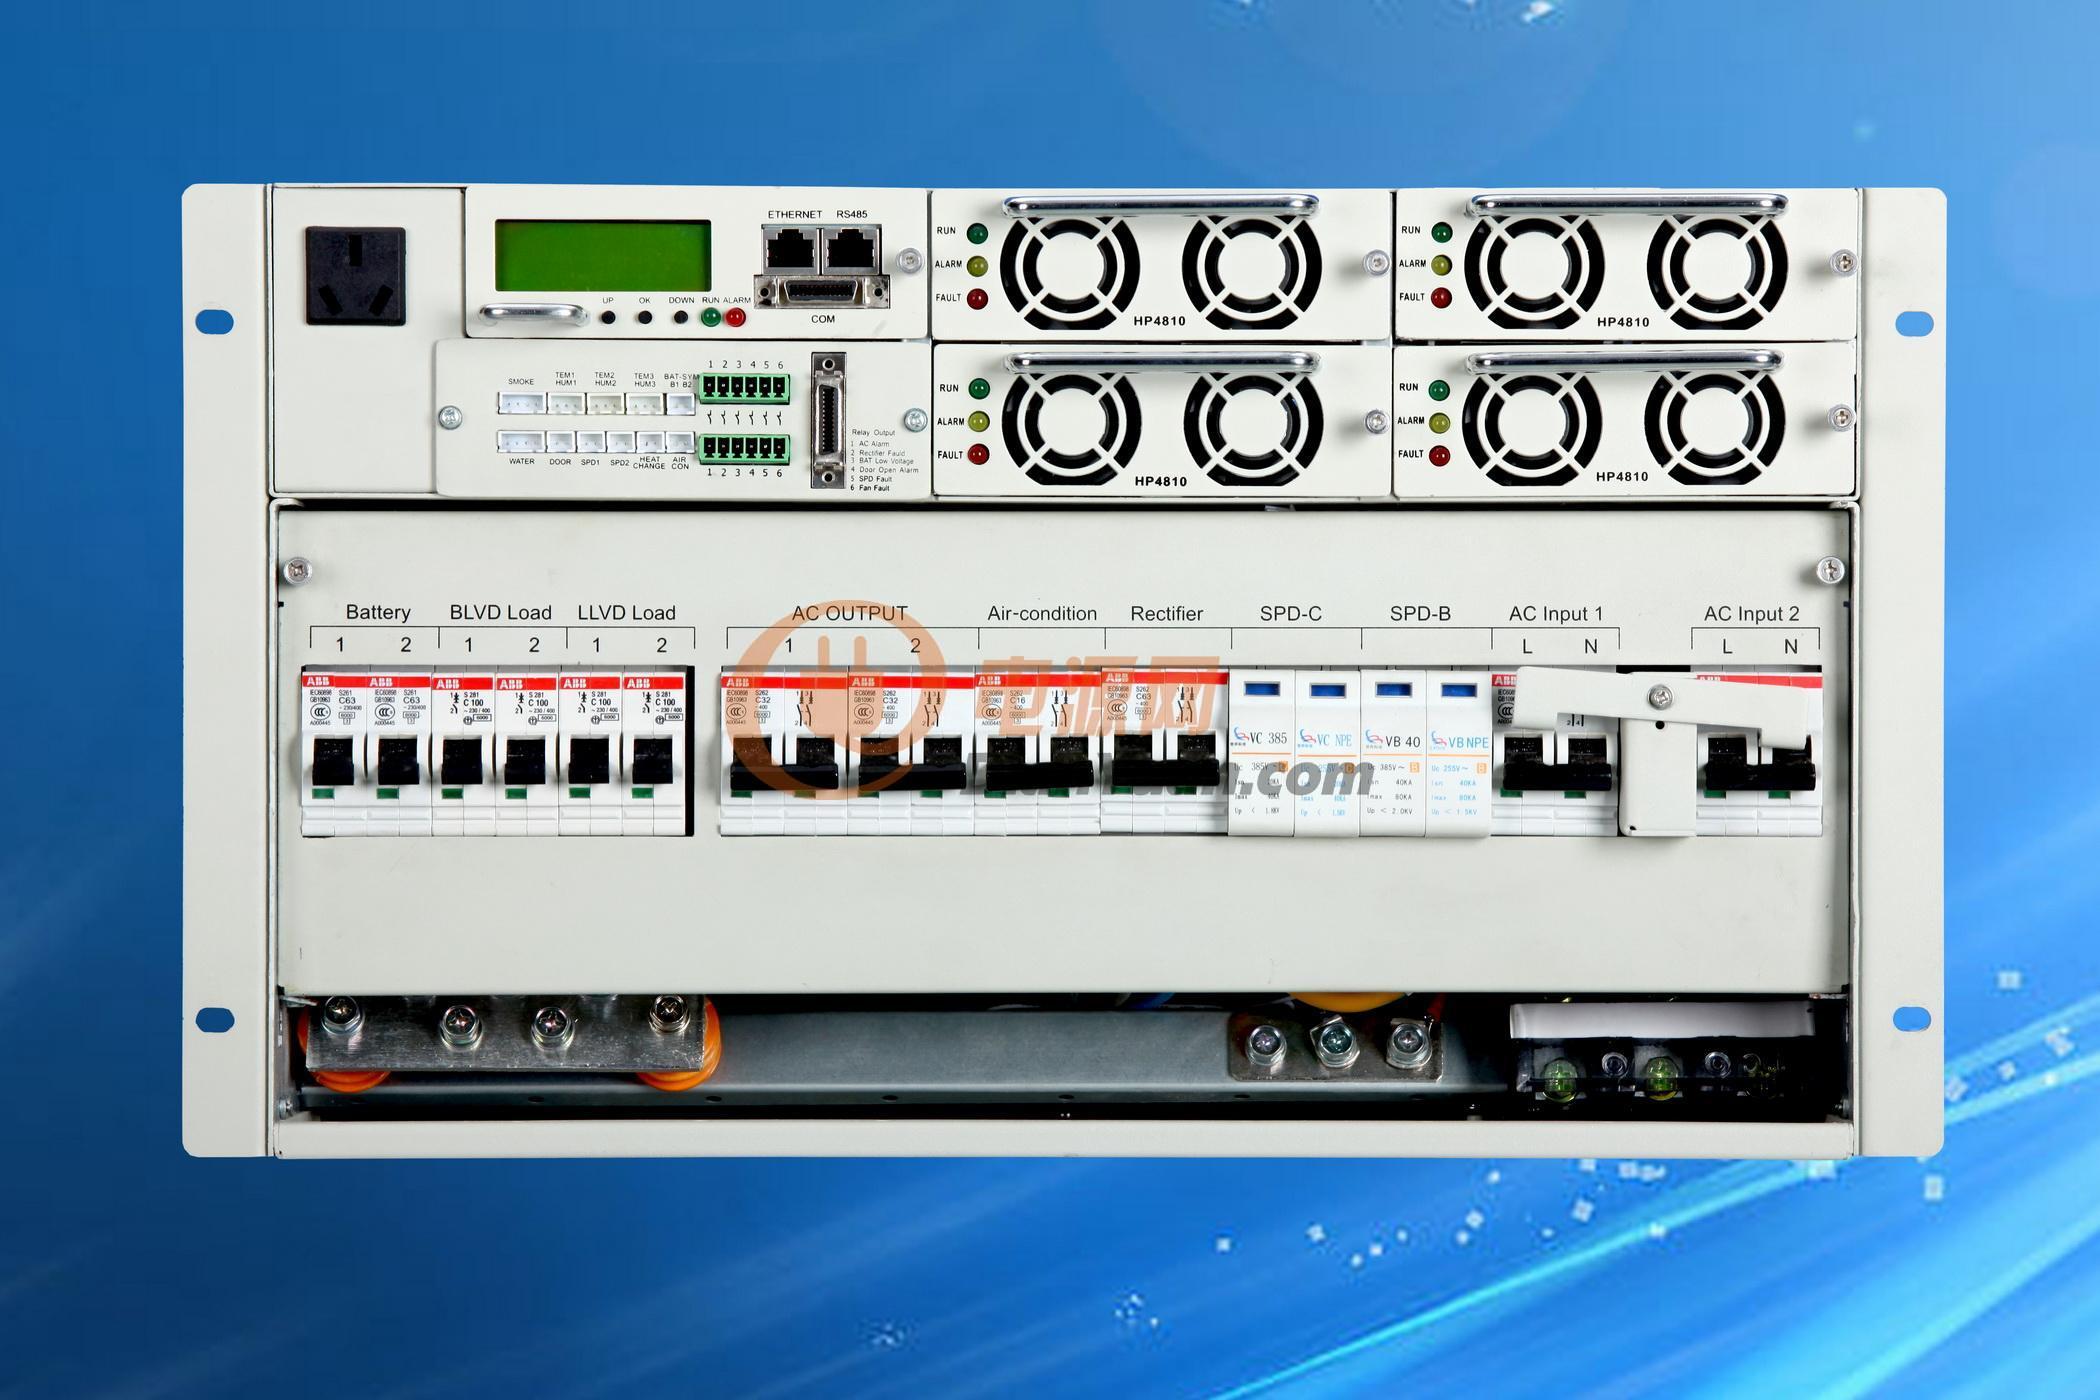 采用国际流行的19英寸/3U结构,可以方便嵌入各种通信设备和机柜  嵌入式电源系统采用有源功率因数补偿技术  交流输入电压正常工作范围宽至90~280Vac  系统工作温度范围宽至-25~+55  采用软开关技术,效率高 >91%  完善的电池管理,有负载下电和电池低电压保护等功能,延长电池寿命  系统采用无损伤热插拔技术,方便维护  完善的防雷设计,适应多雷暴地区  输入过、欠压保护  输出过压保护  输出过流保护  输出短路保护  监控模块带有液晶显示屏、以太网接口